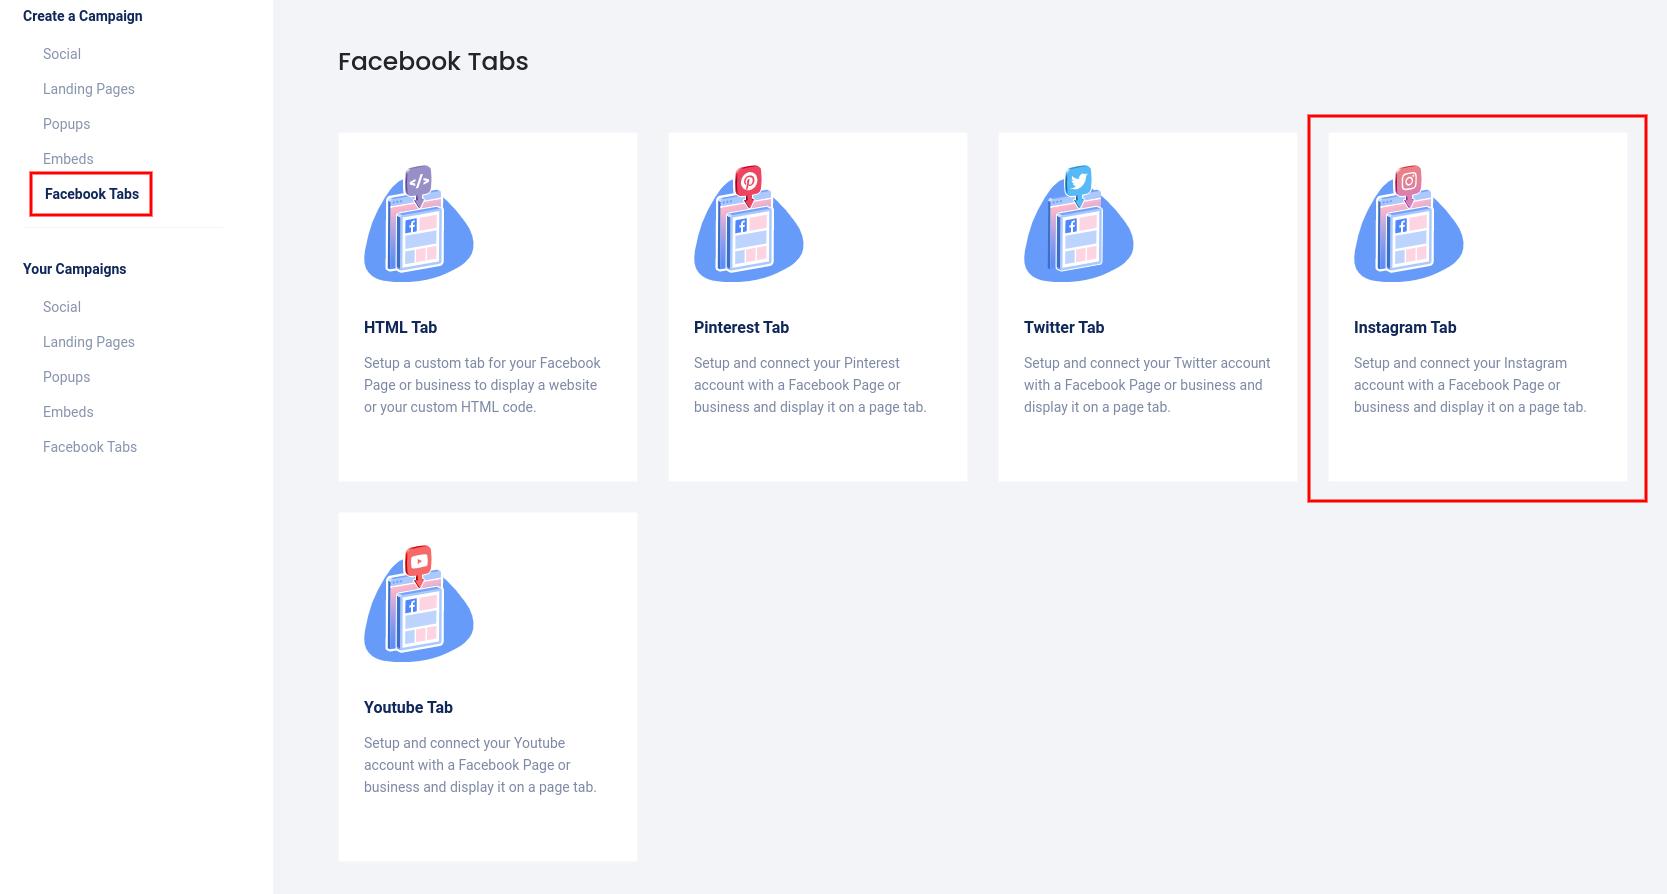 Facebook tabs - Instagram tab